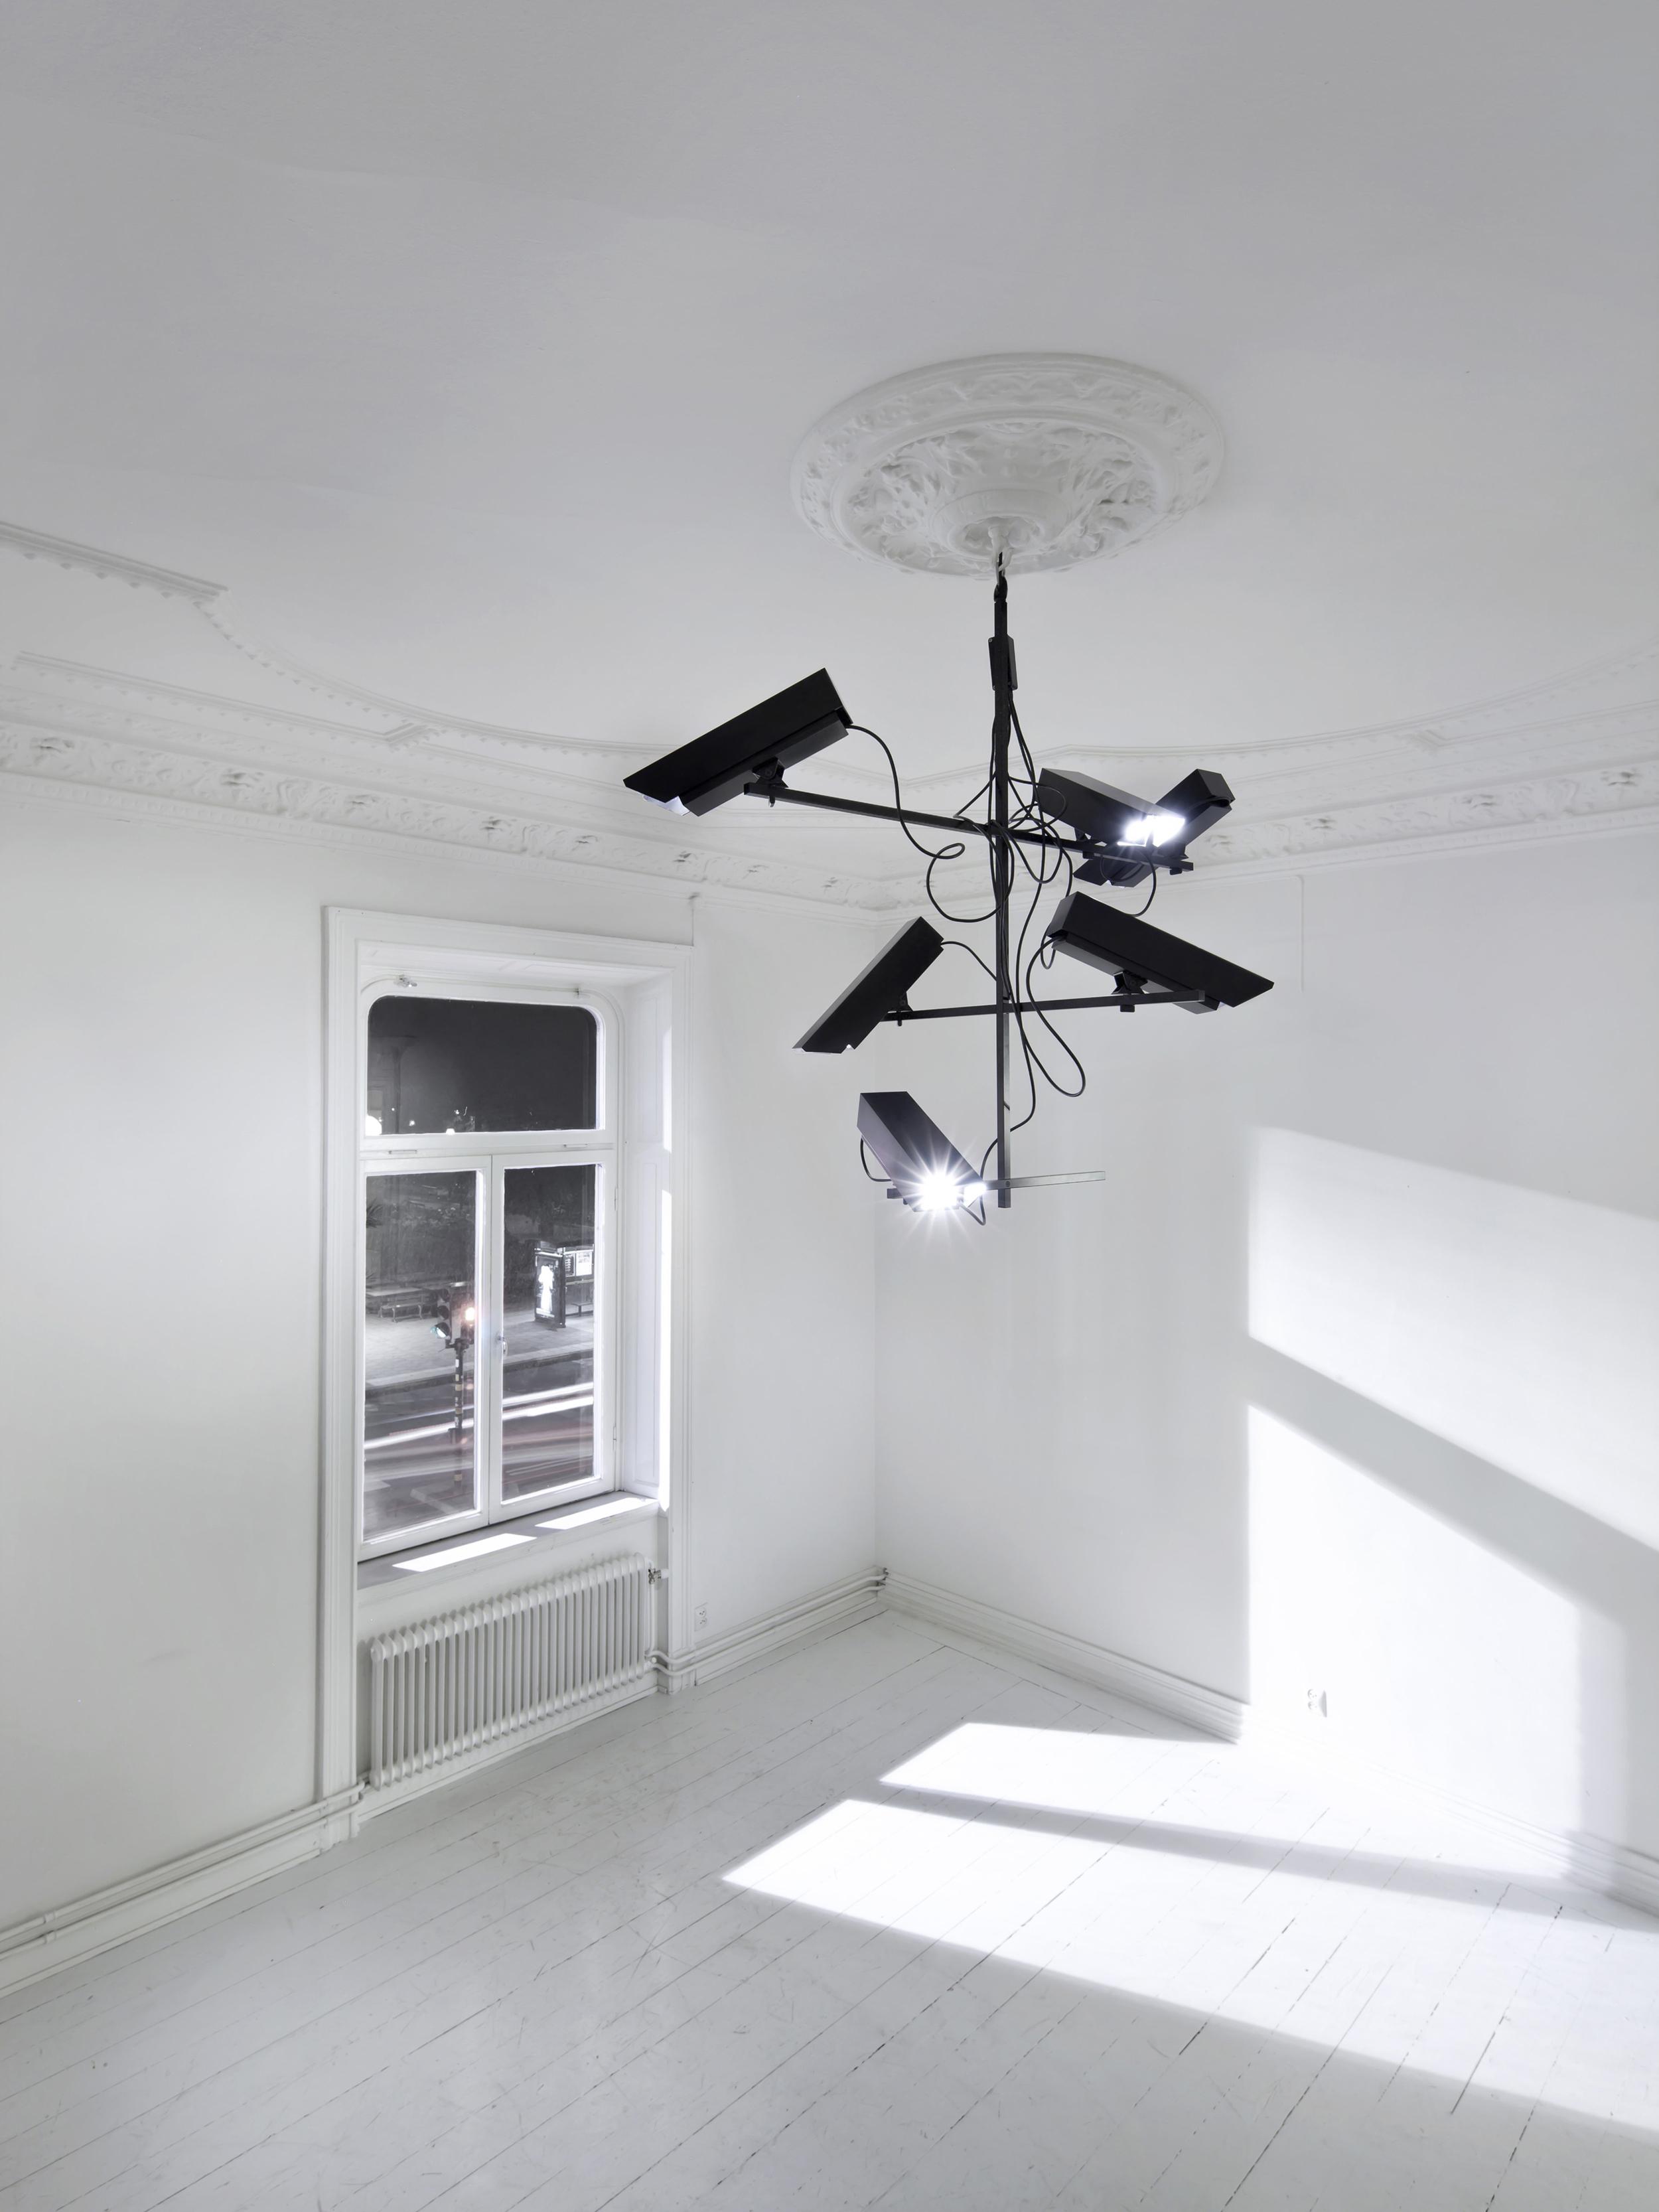 Surveillance Light Chandelier, 2011